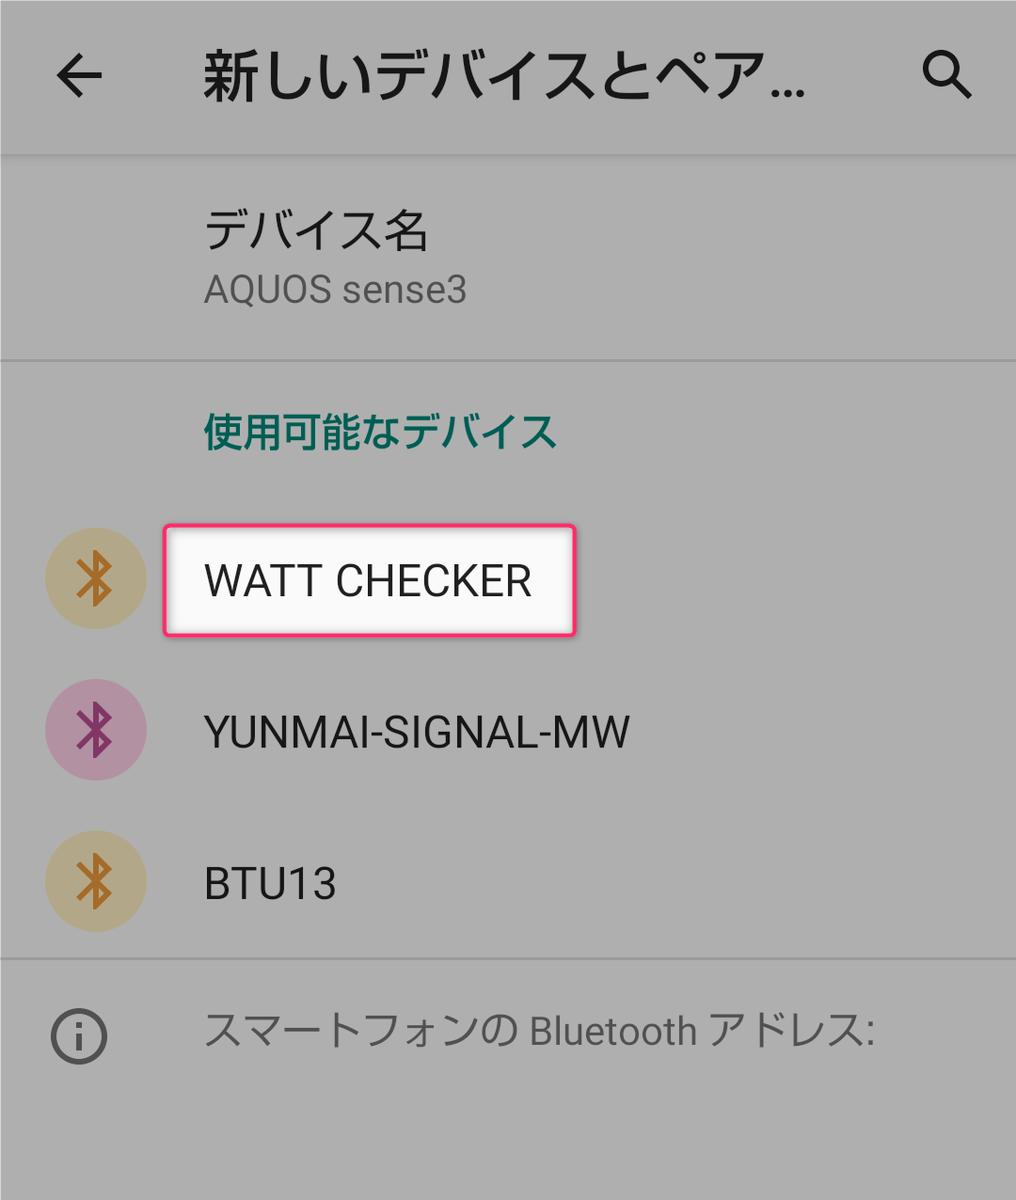 ラトックシステム Bluetooth ワットチェッカーのペアリング方法